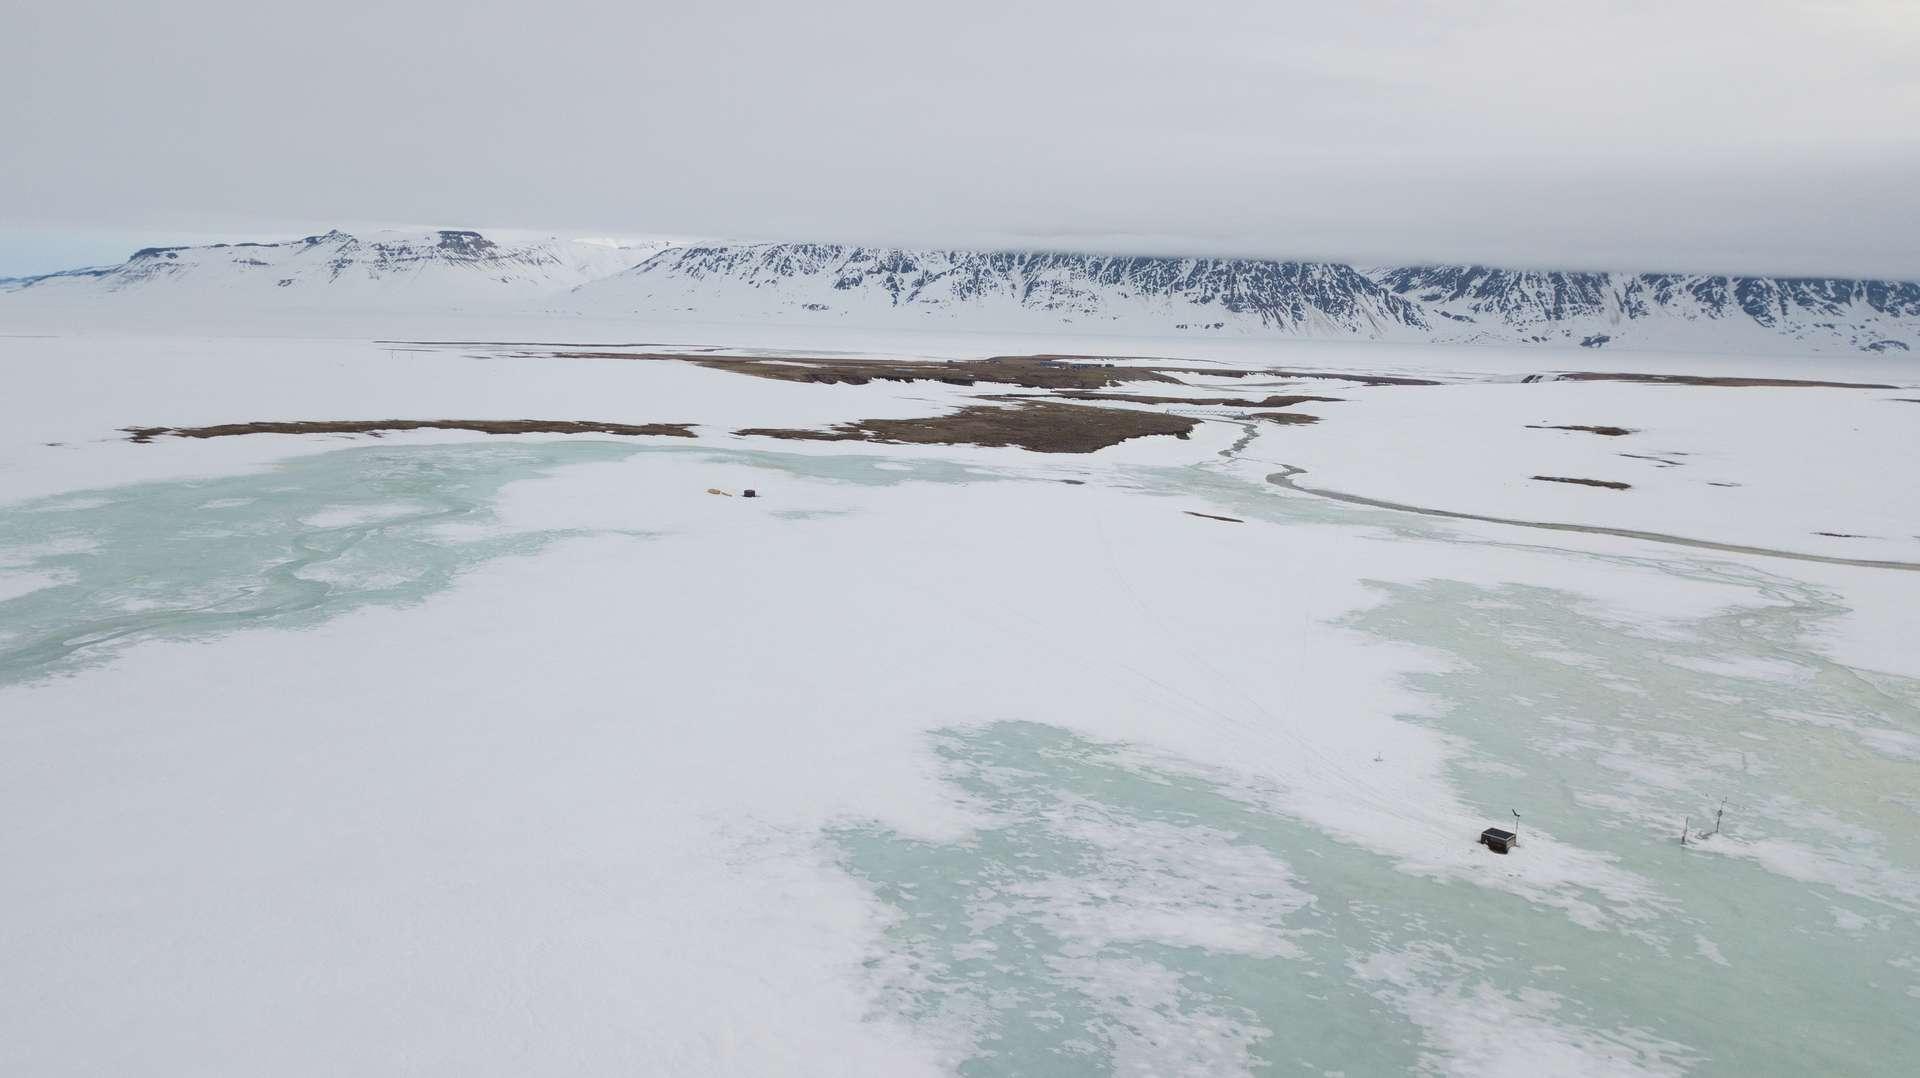 Une couverture neigeuse abondante a empêché la reproduction de la plupart de espèces de plantes et d'animaux. © Lars Holst Hansen